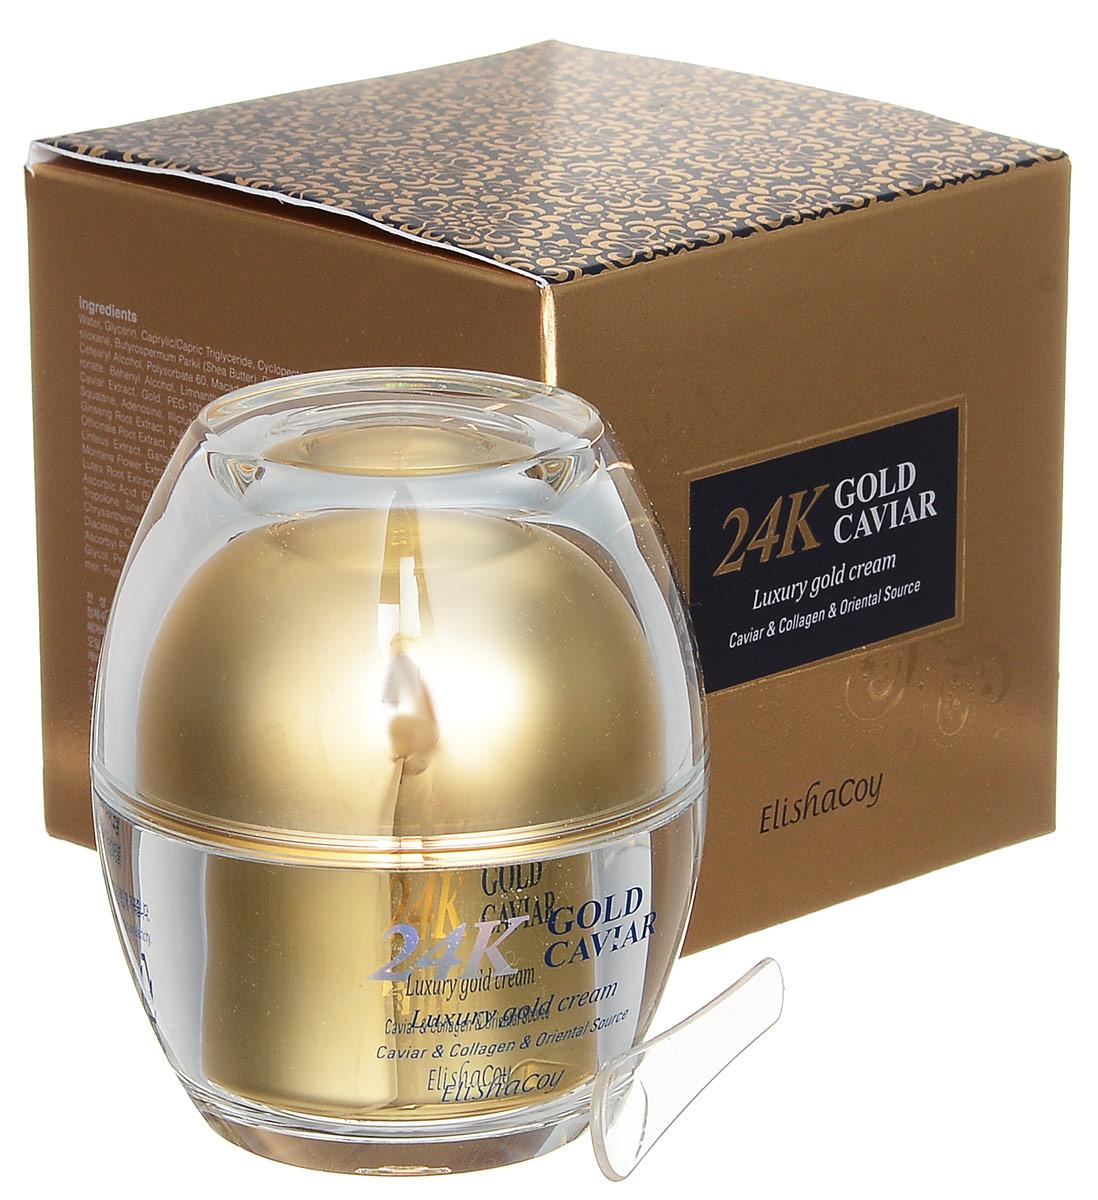 Elisha Coy Крем с экстрактом икры и частицами 24к золота, 50 г8809266951758Крем с экстрактом икры и частицами 24к золота восстанавливает и усиливает барьерные функции кожи, обладает легкой, нелипкой текстурой и хорошо впитывается.Подходит для всех типов кожи. Крем содержит экстракт икры,которая богата витаминами(A D E F) протеинами,ценными микроэлементами(калий,магний,натрий,фосфор,железо)полинасыщенными жирными омега-3 кислотами.Экстракт икры интенсивно увлажняет,сокращает морщины,повышает упругость и эластичность кожи лица.Крем интенсивно питает кожу благодаря входящим в состав сквалену, маслу ши, маслу семян макадамии, богатому растительному комплексу из экстрактов трав. Ниацинамид, аденозин и комплекс пептидов (Dipeptide Diaminobutyroyl Benzylamide Diacetate(SYN-AKE), Copper Tripeptide-1, Human Oligopeptide-1) борются с возрастными изменениями, дарят коже сияние и упругость.Средство содержит частицы 24к золота, которые способствуют обновлению кожи лица и придают сияние.